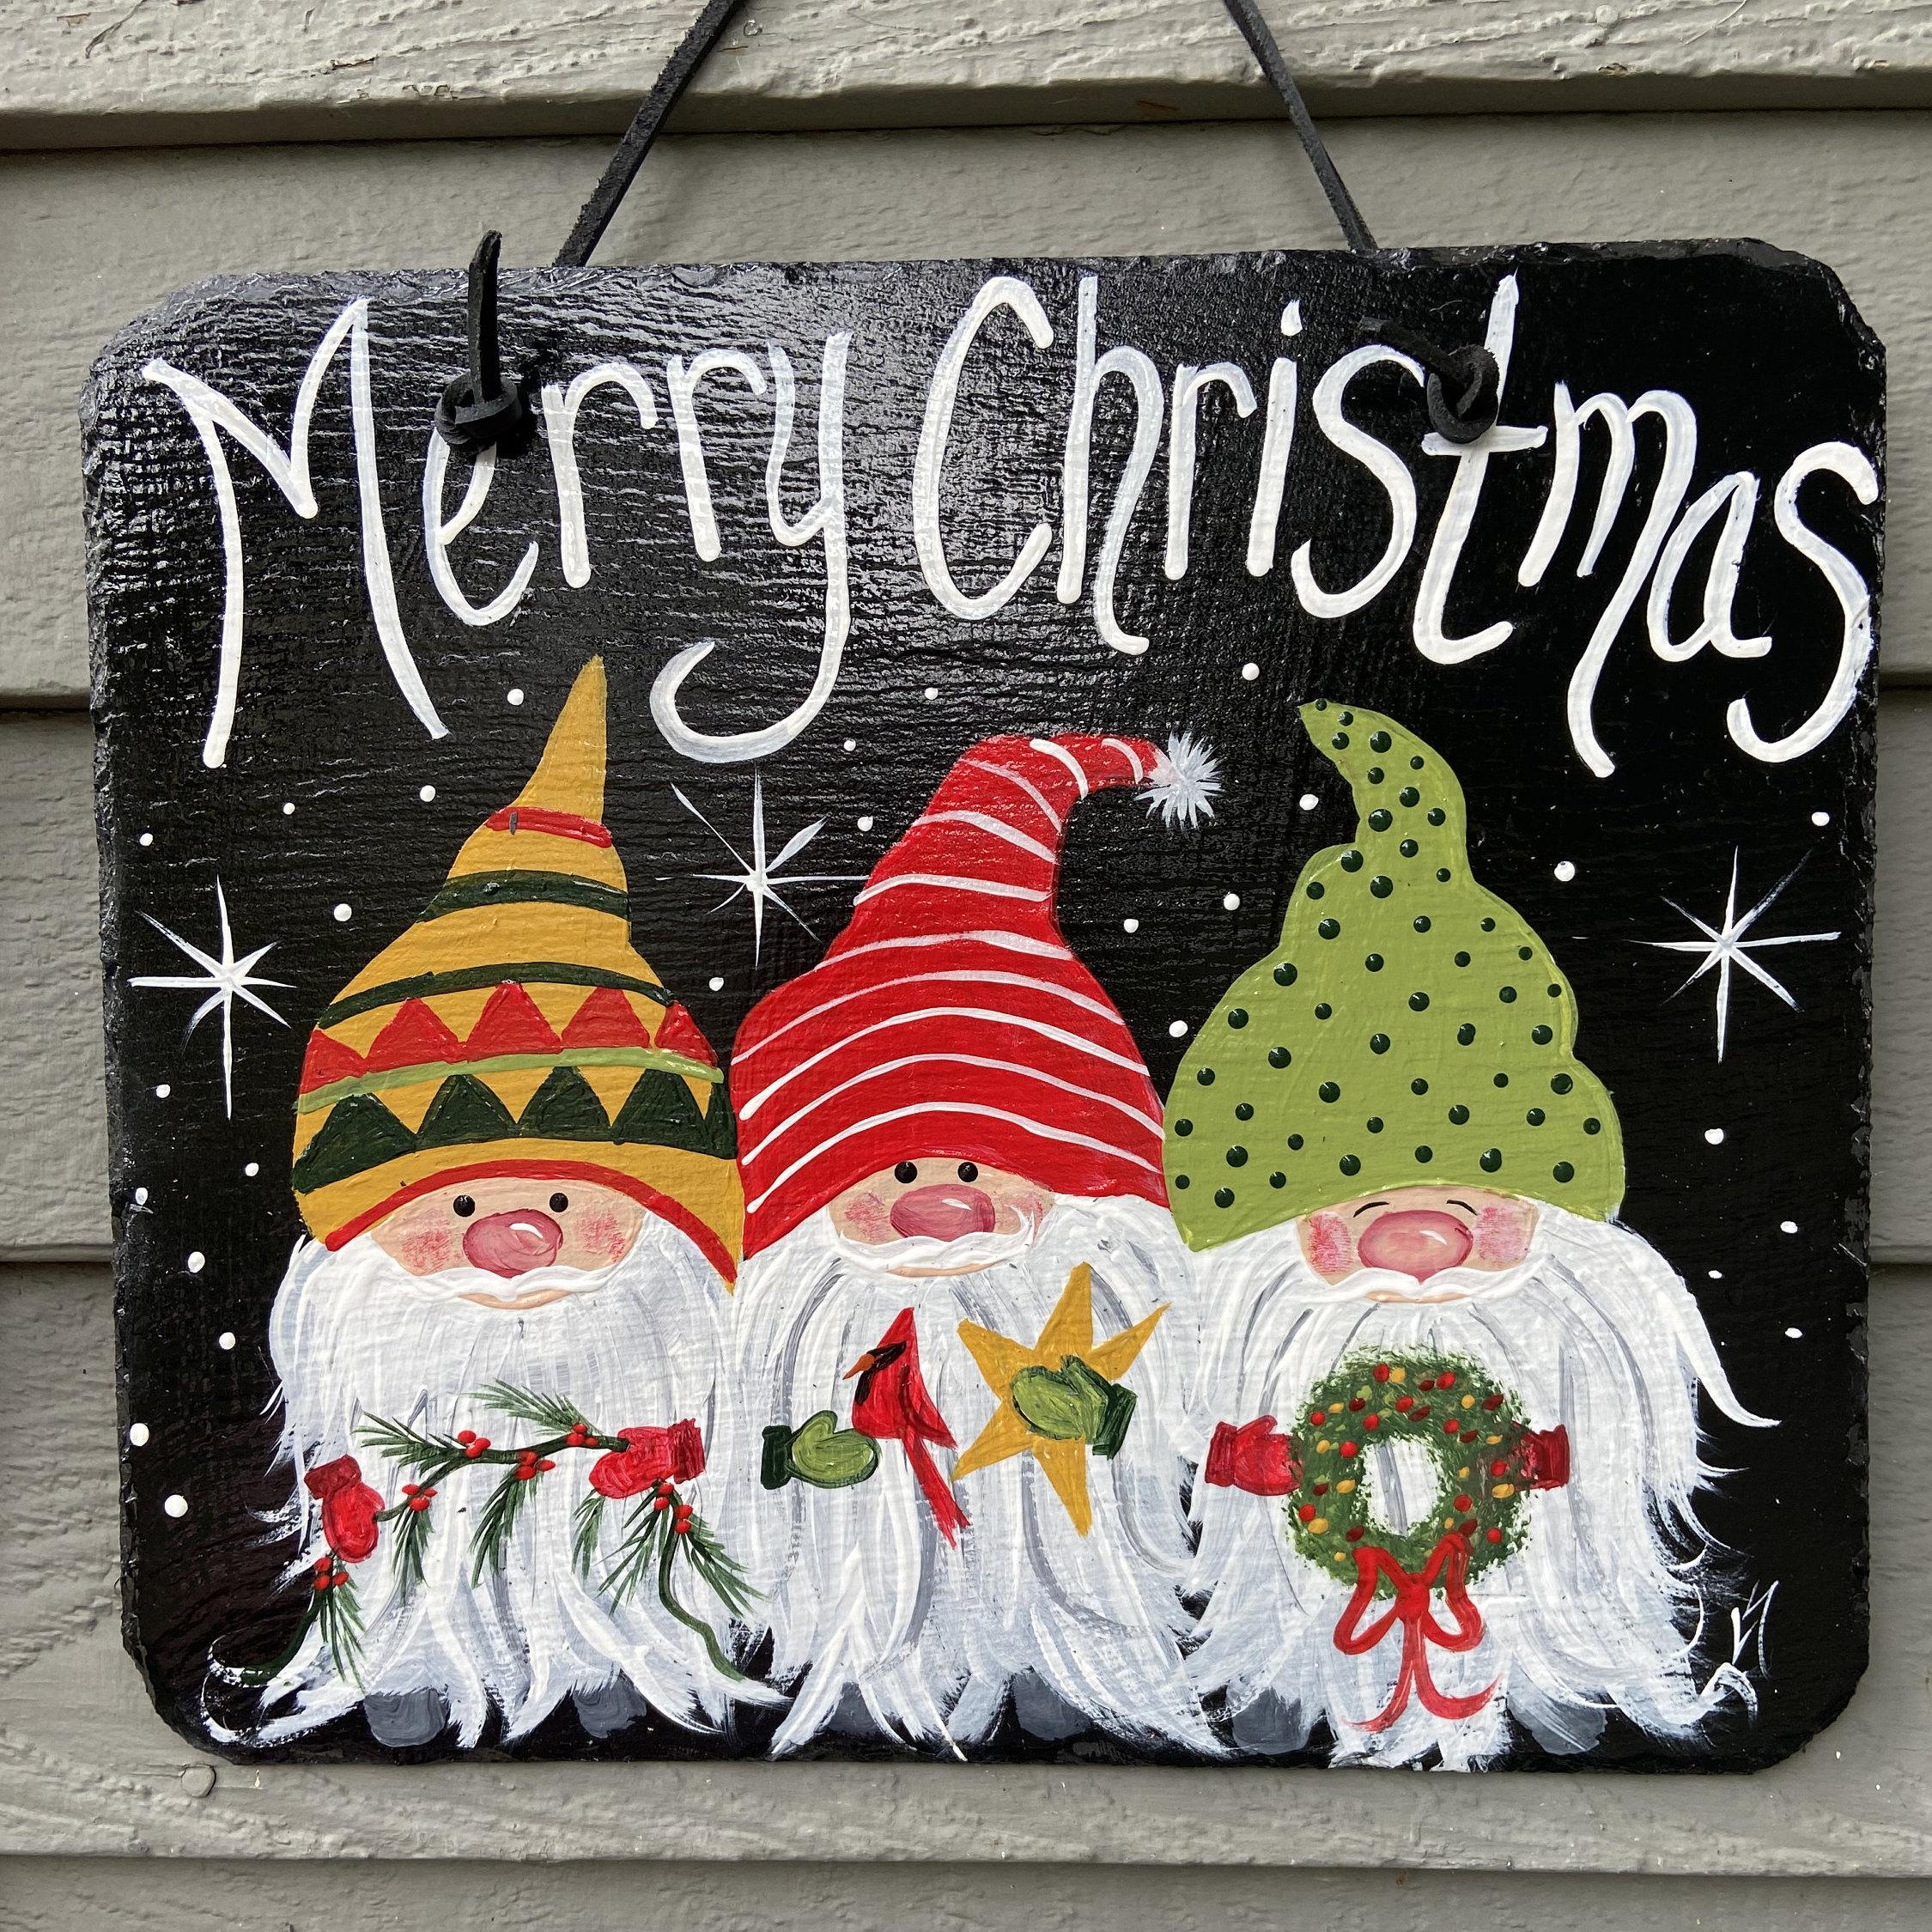 Door Hanger Decorative Tole Pattern New 2020 Christmas Painted Christmas slate tile, Christmas plaque, door hanger